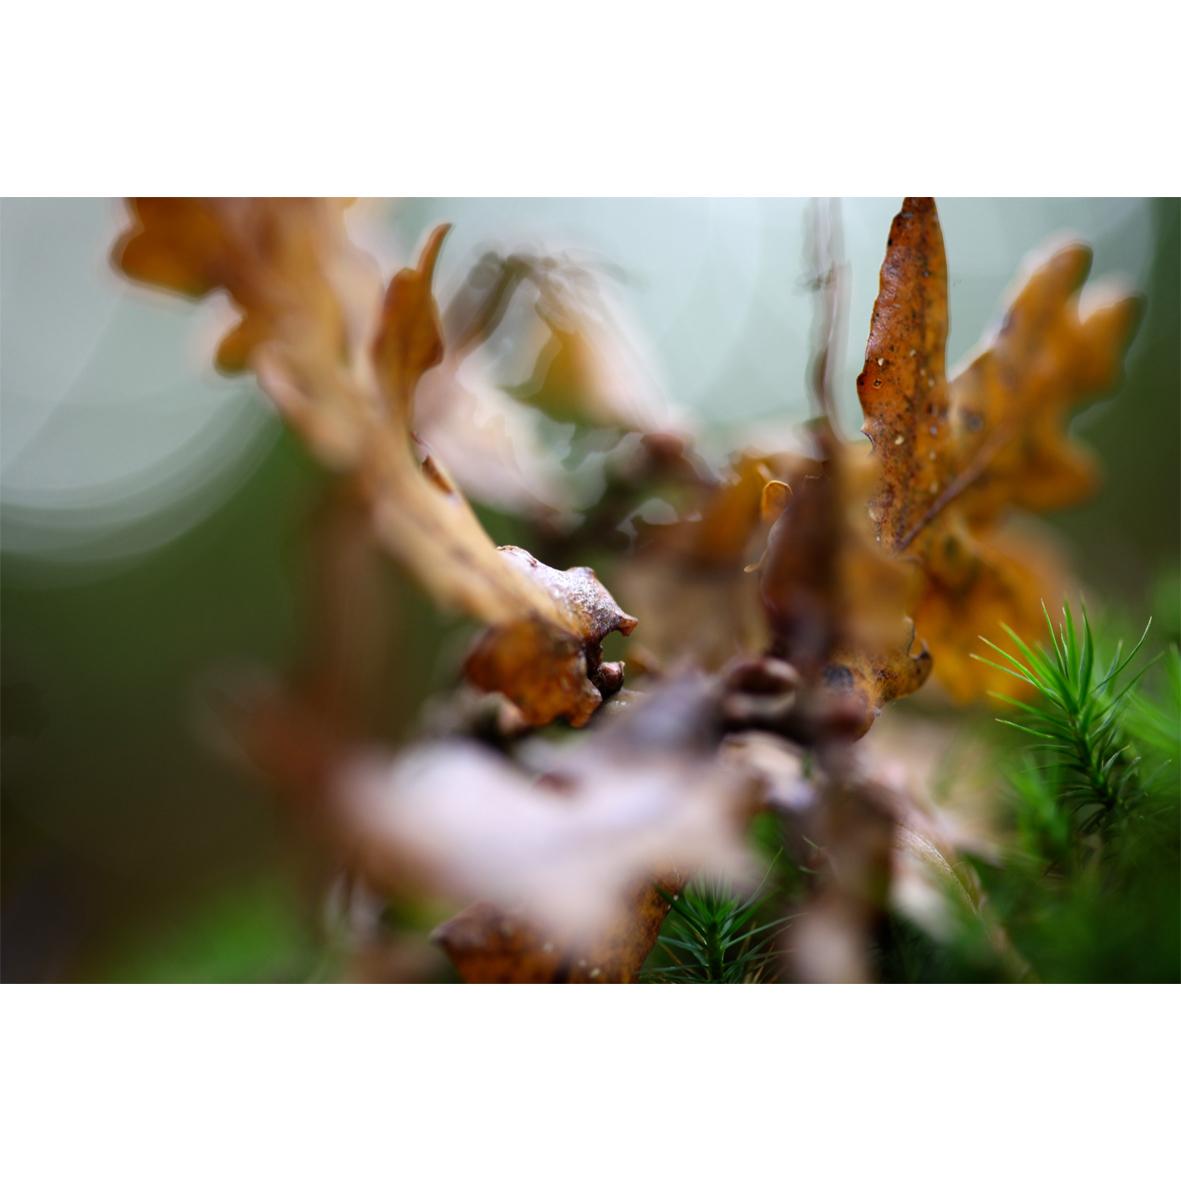 leaf08.jpg